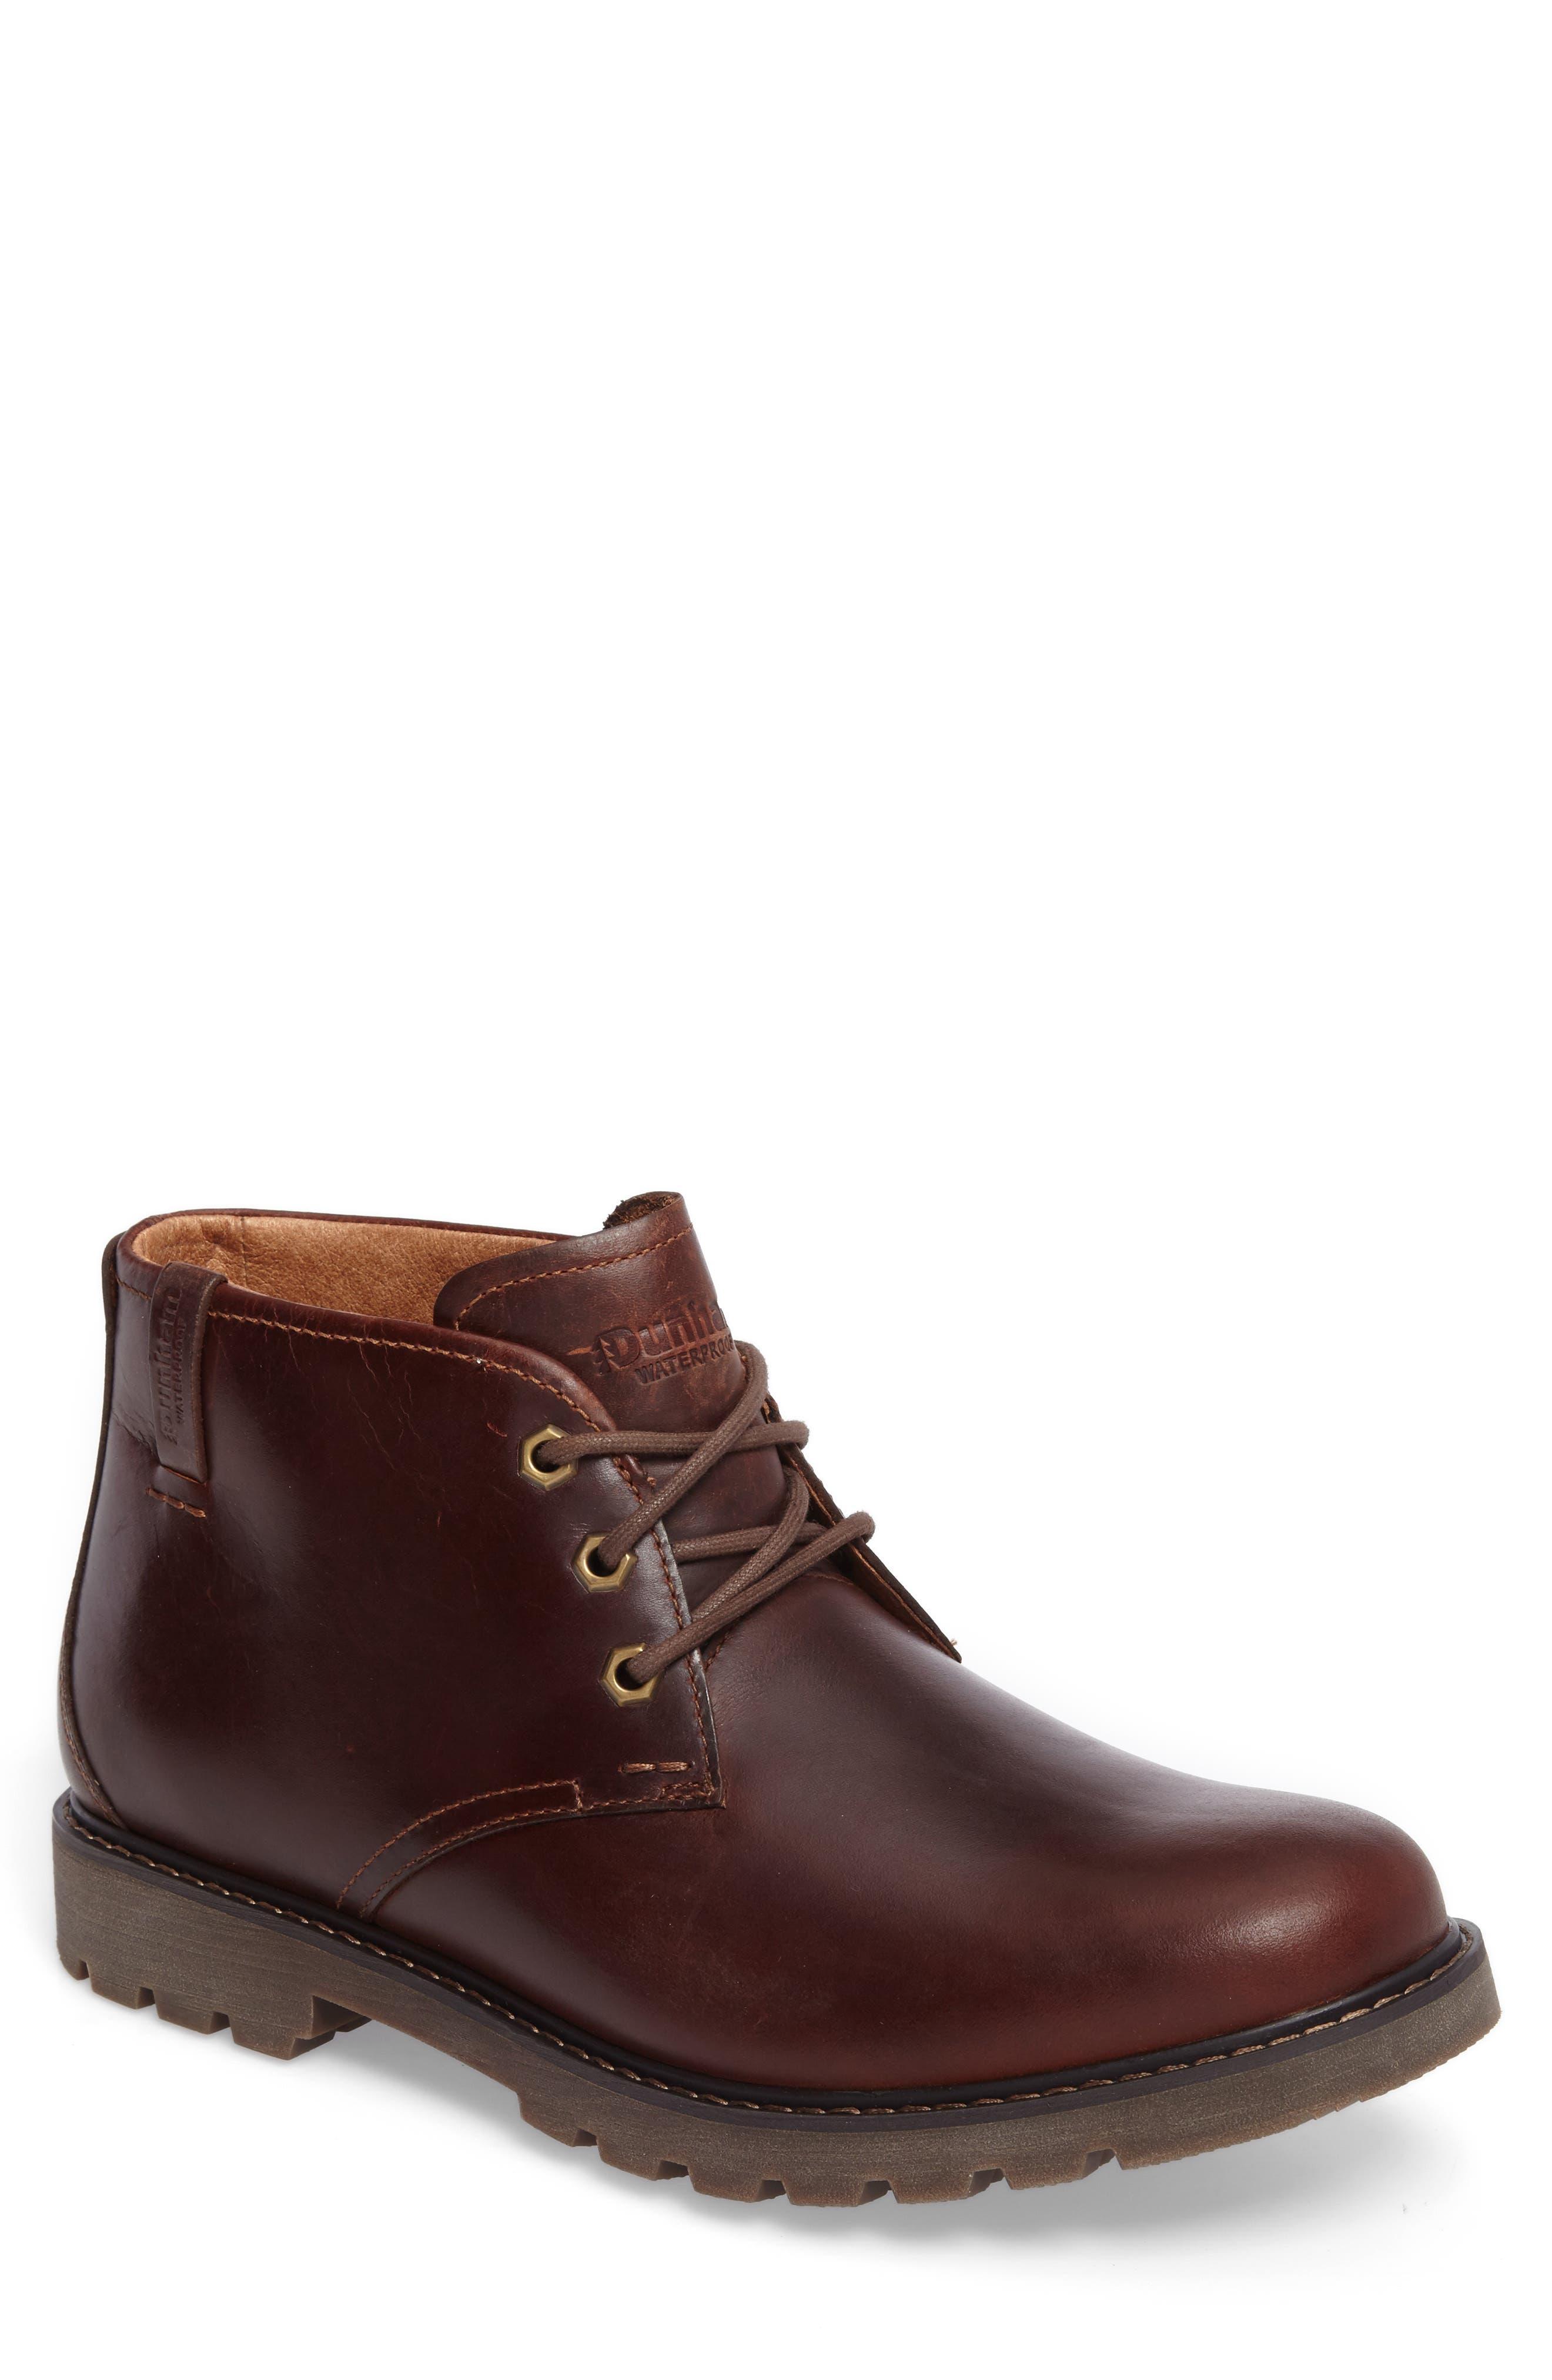 Dunham Royalton Chukka Boot, EEEE - Brown